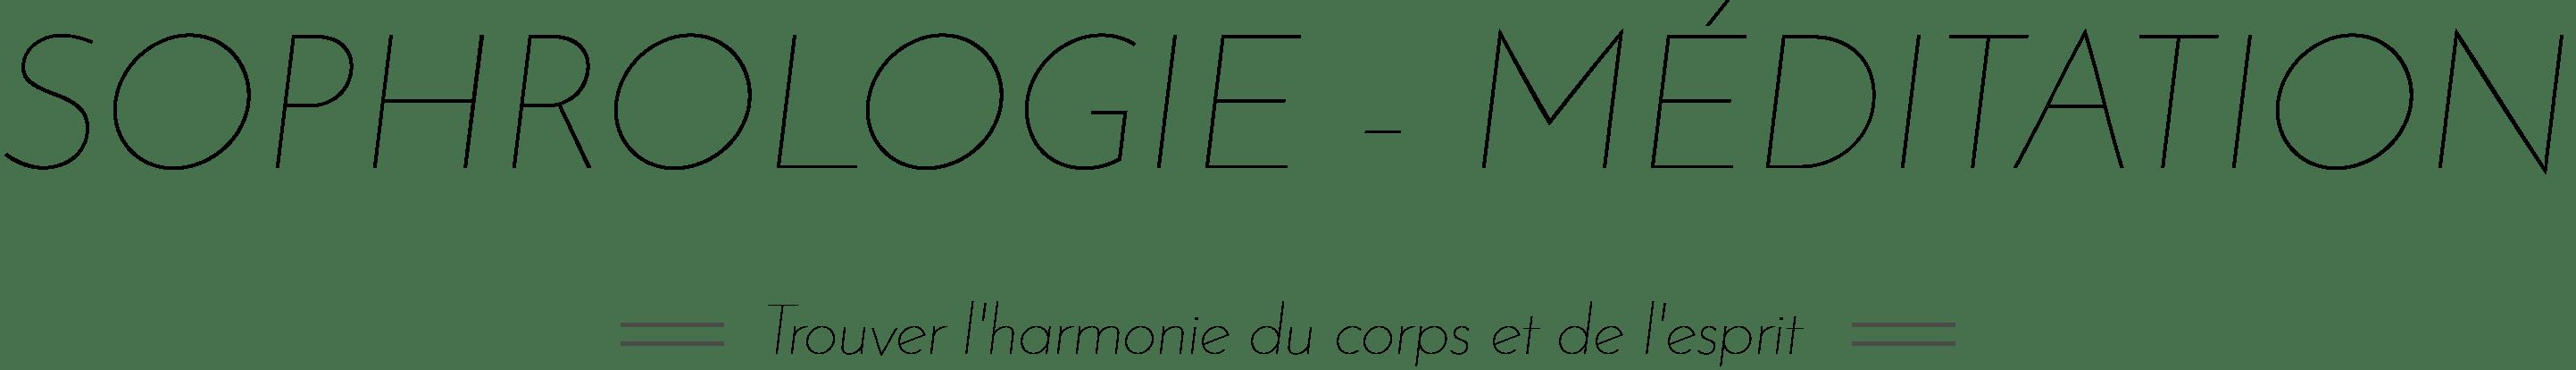 Sophrologie-meditation Logo